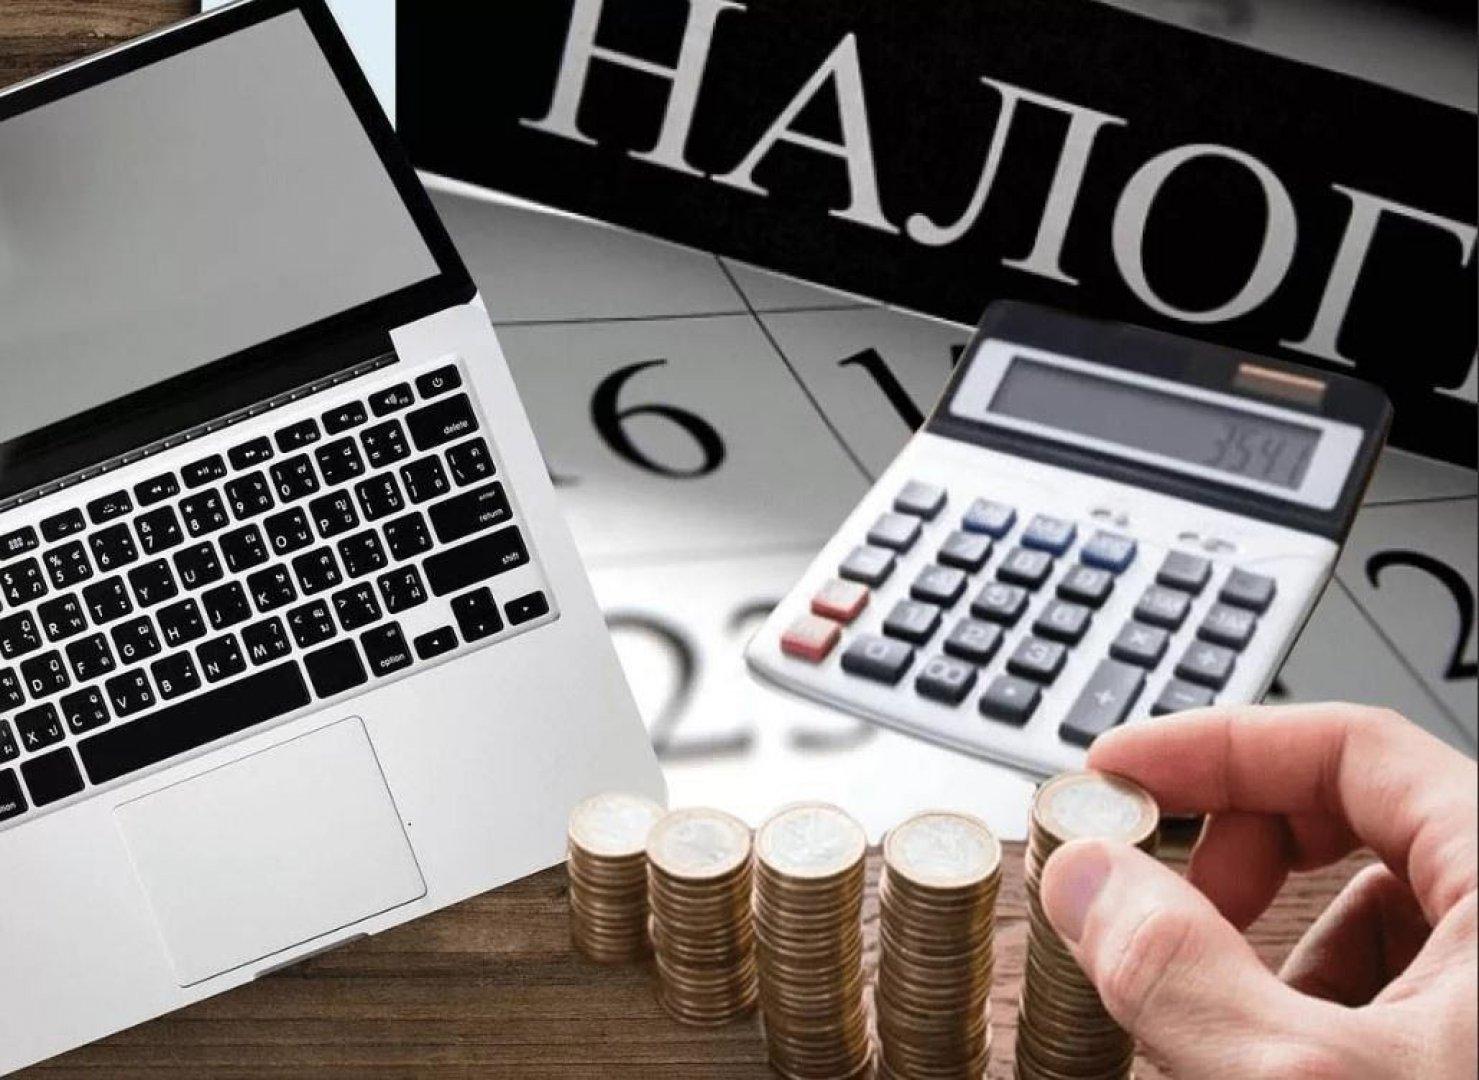 Правительство обсуждает изменение налоговой системы, которое может принести 400 млрд рублей